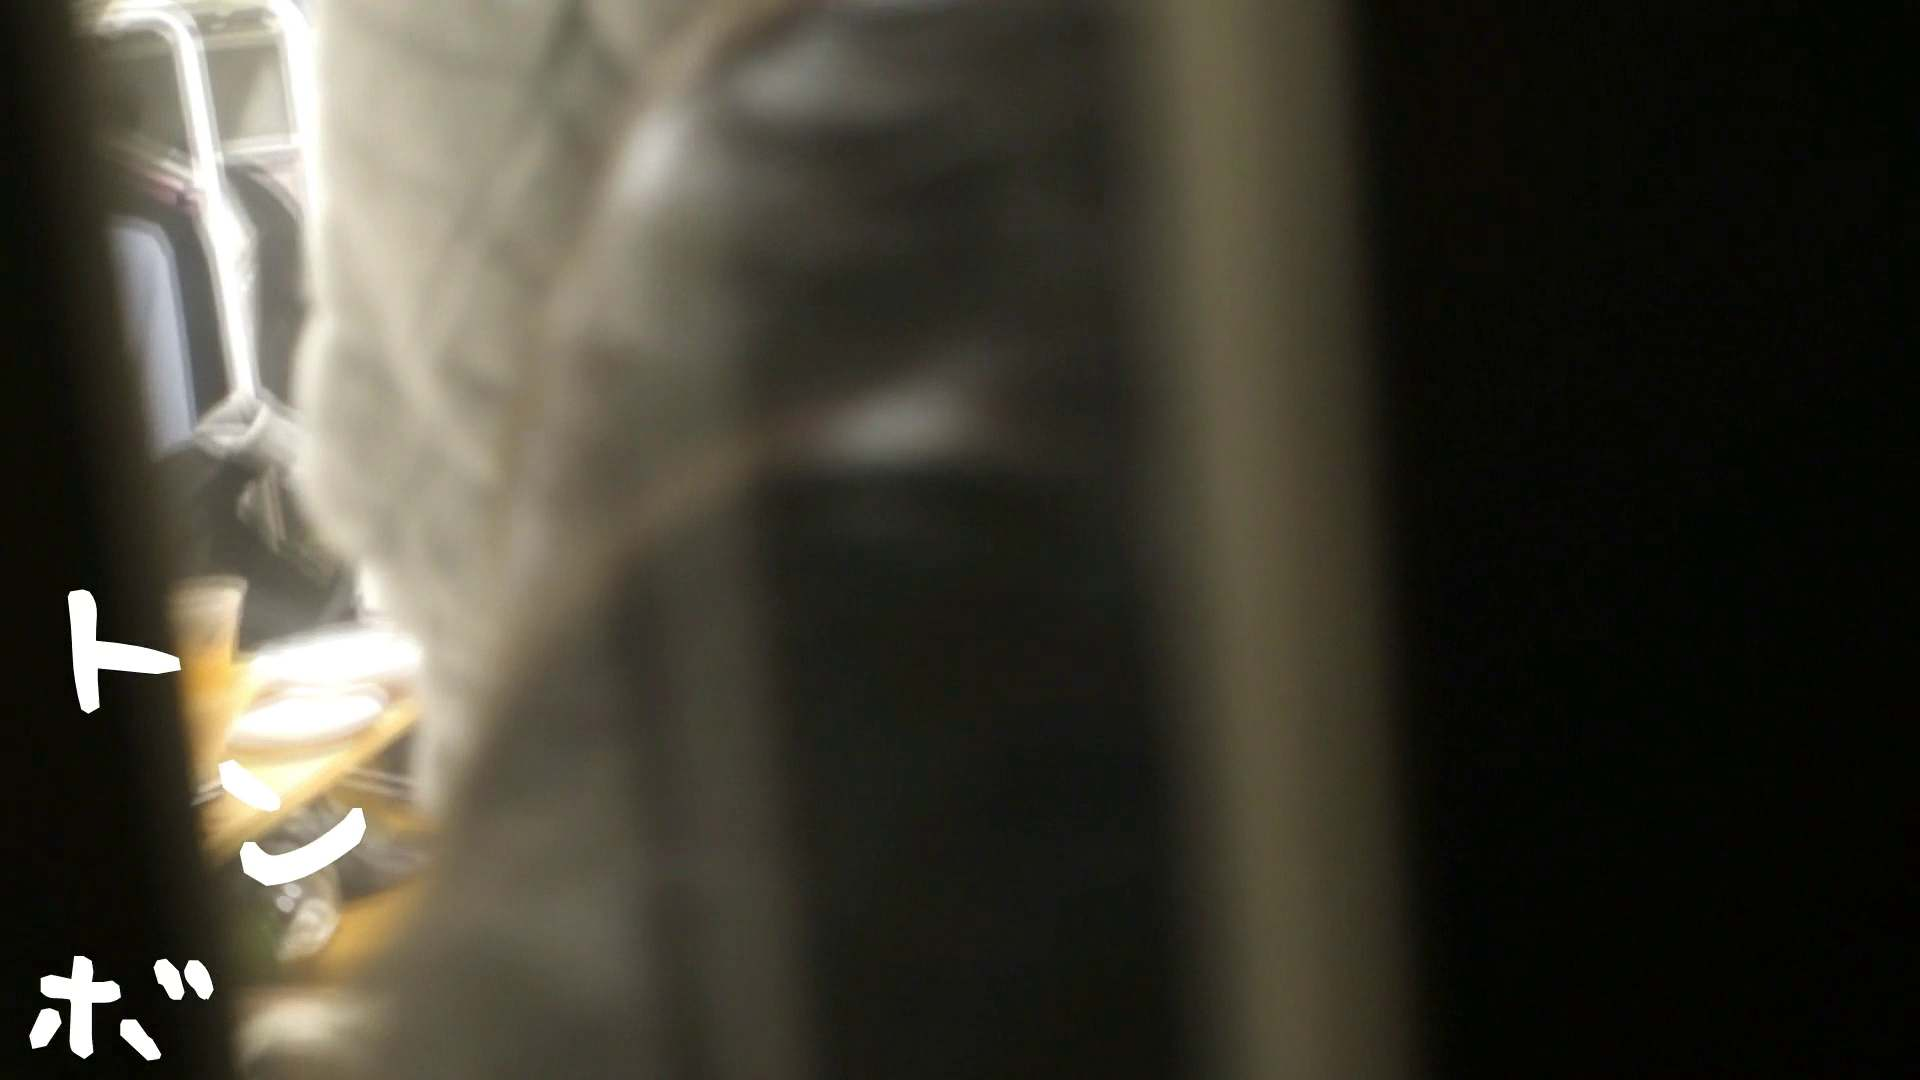 ▲2017_08位▲ 【02位 2016】盗撮美人女子大プライベートSEX SEX | 盗撮エロすぎ  74連発 26